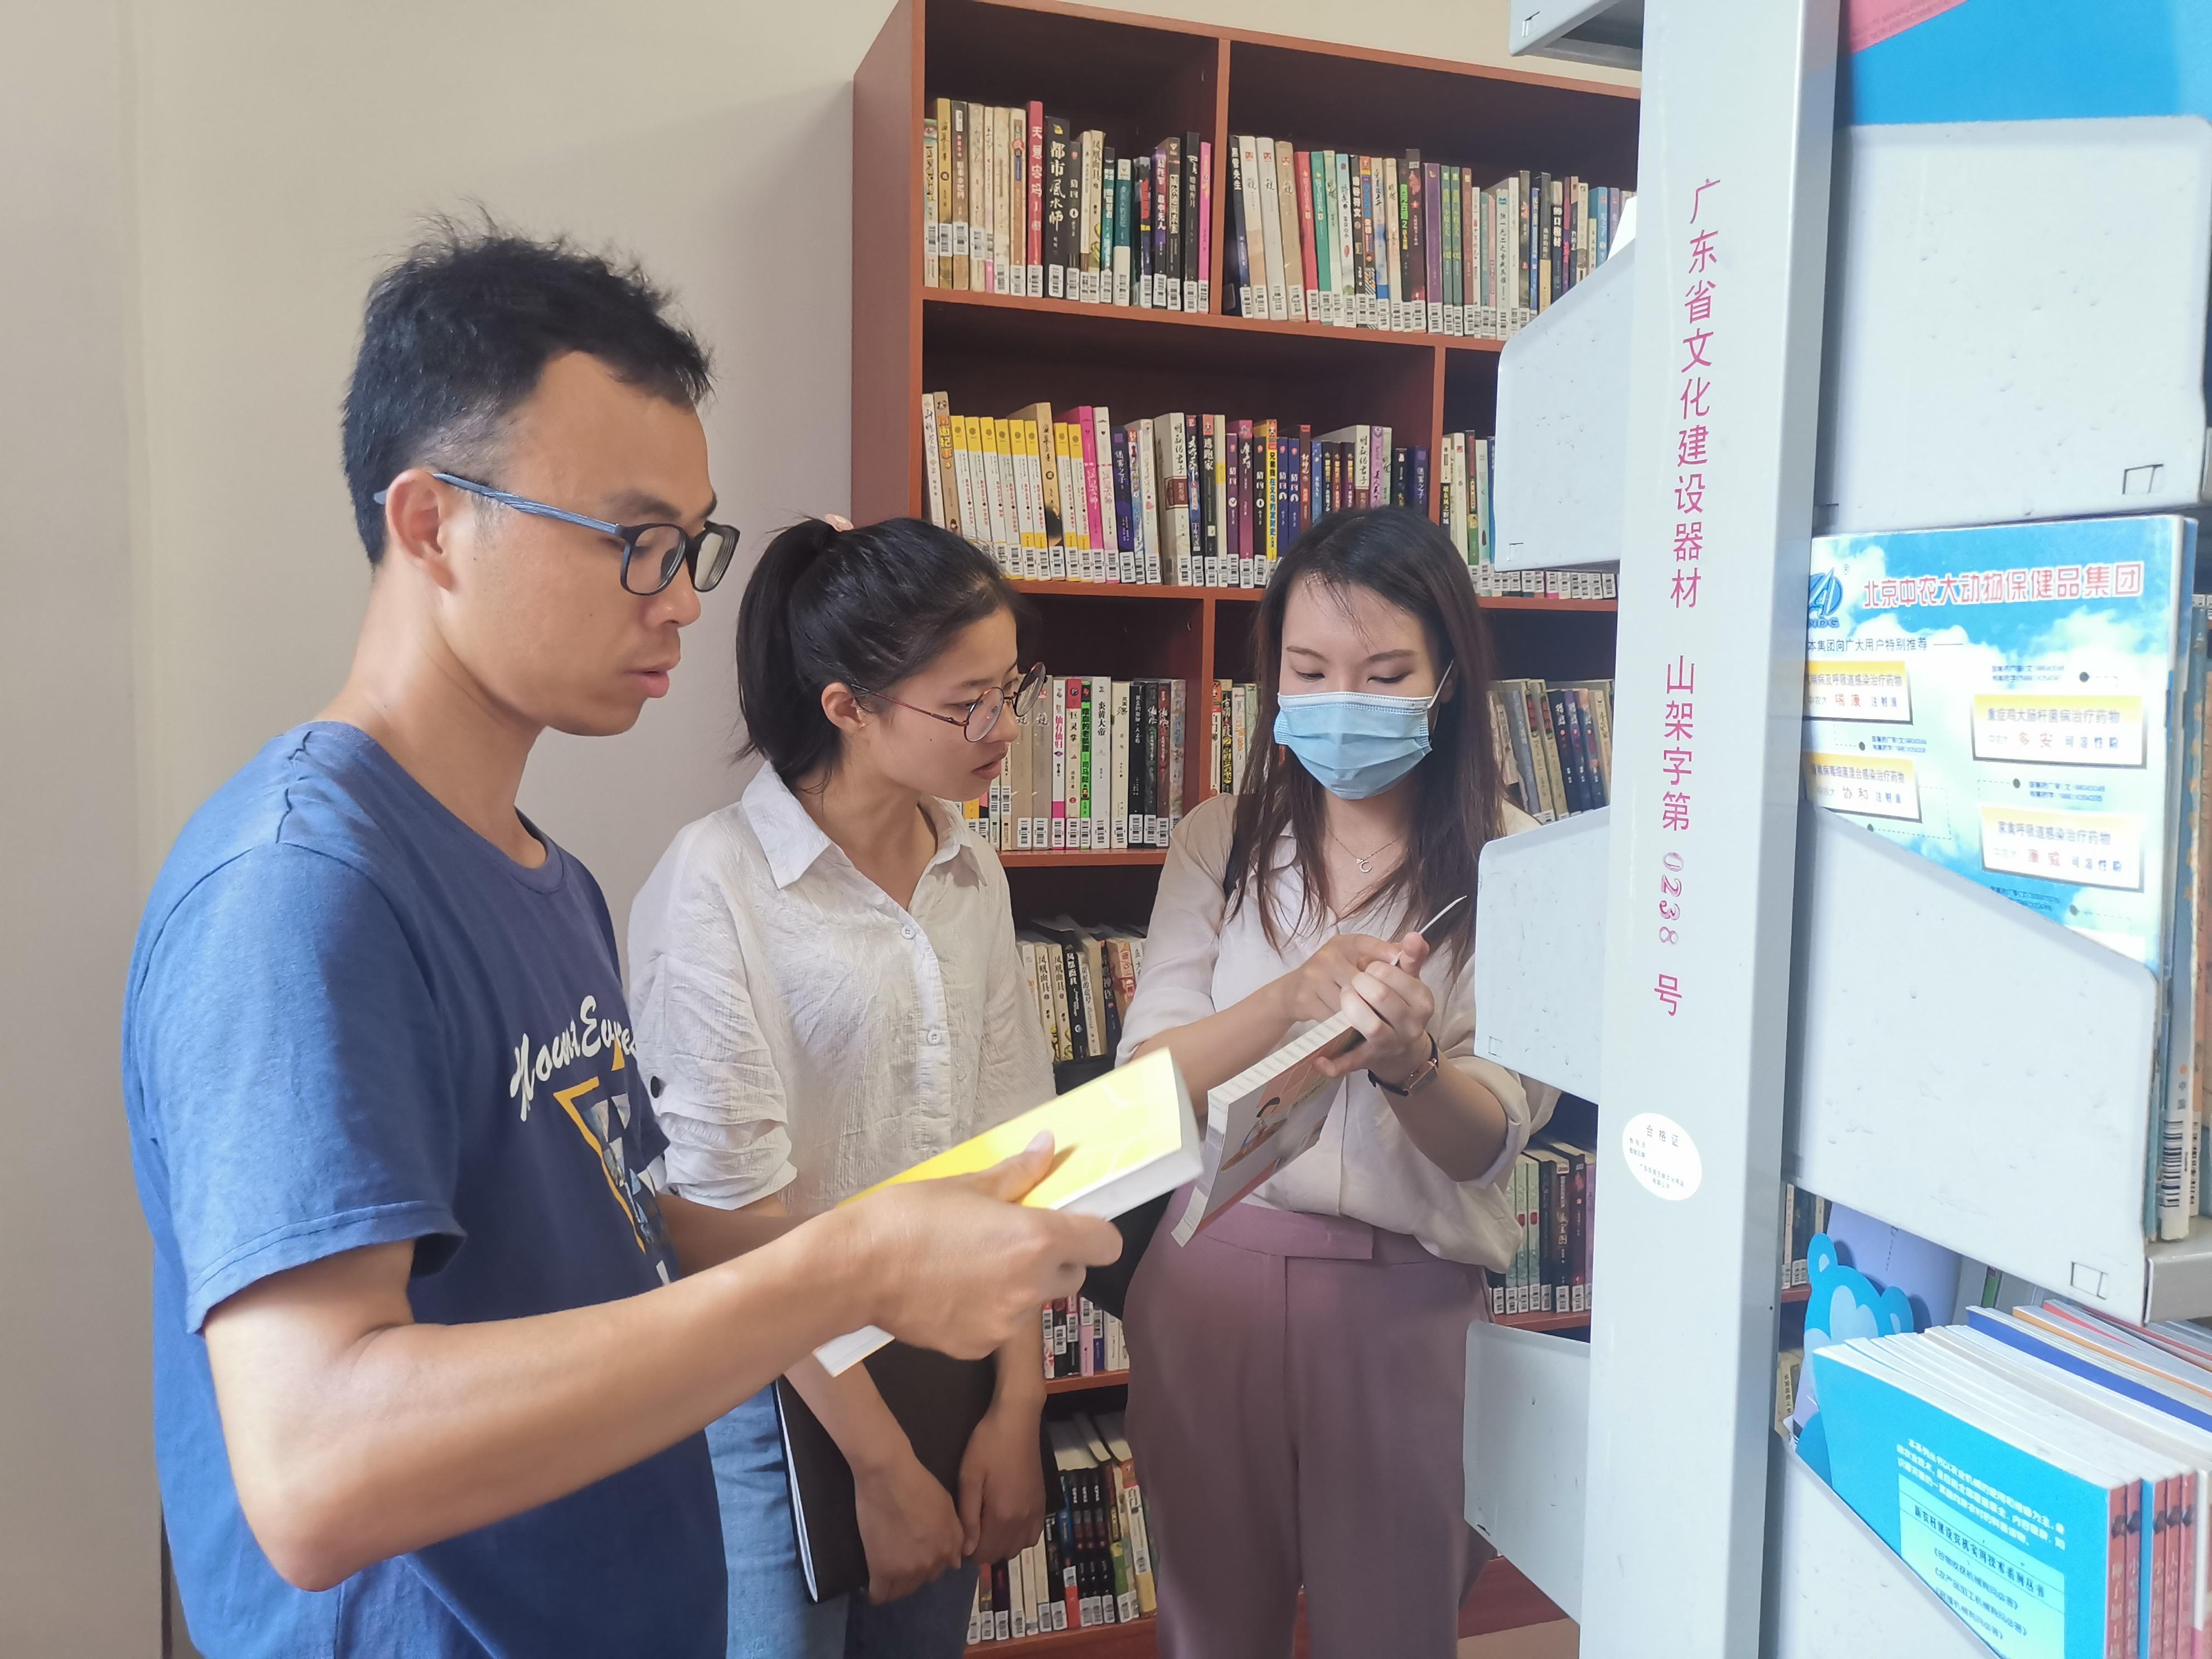 """爱心图书捐赠助力文化扶贫 ——我院图书馆向扶贫点""""南雄市水口镇水口村""""捐赠图书"""